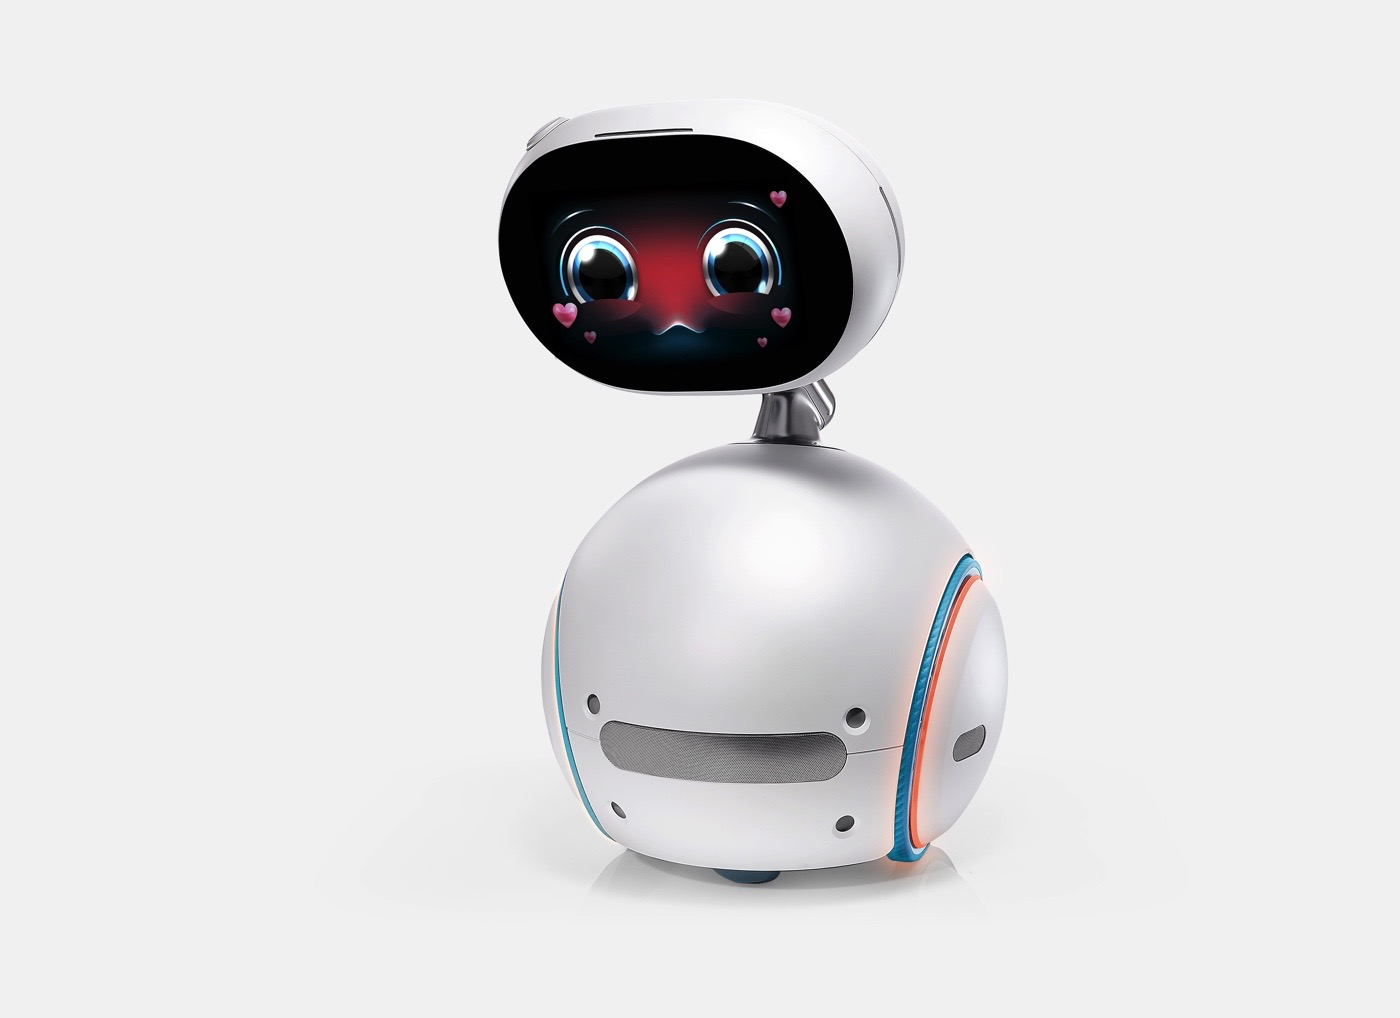 Asus Zenbo Robot Price